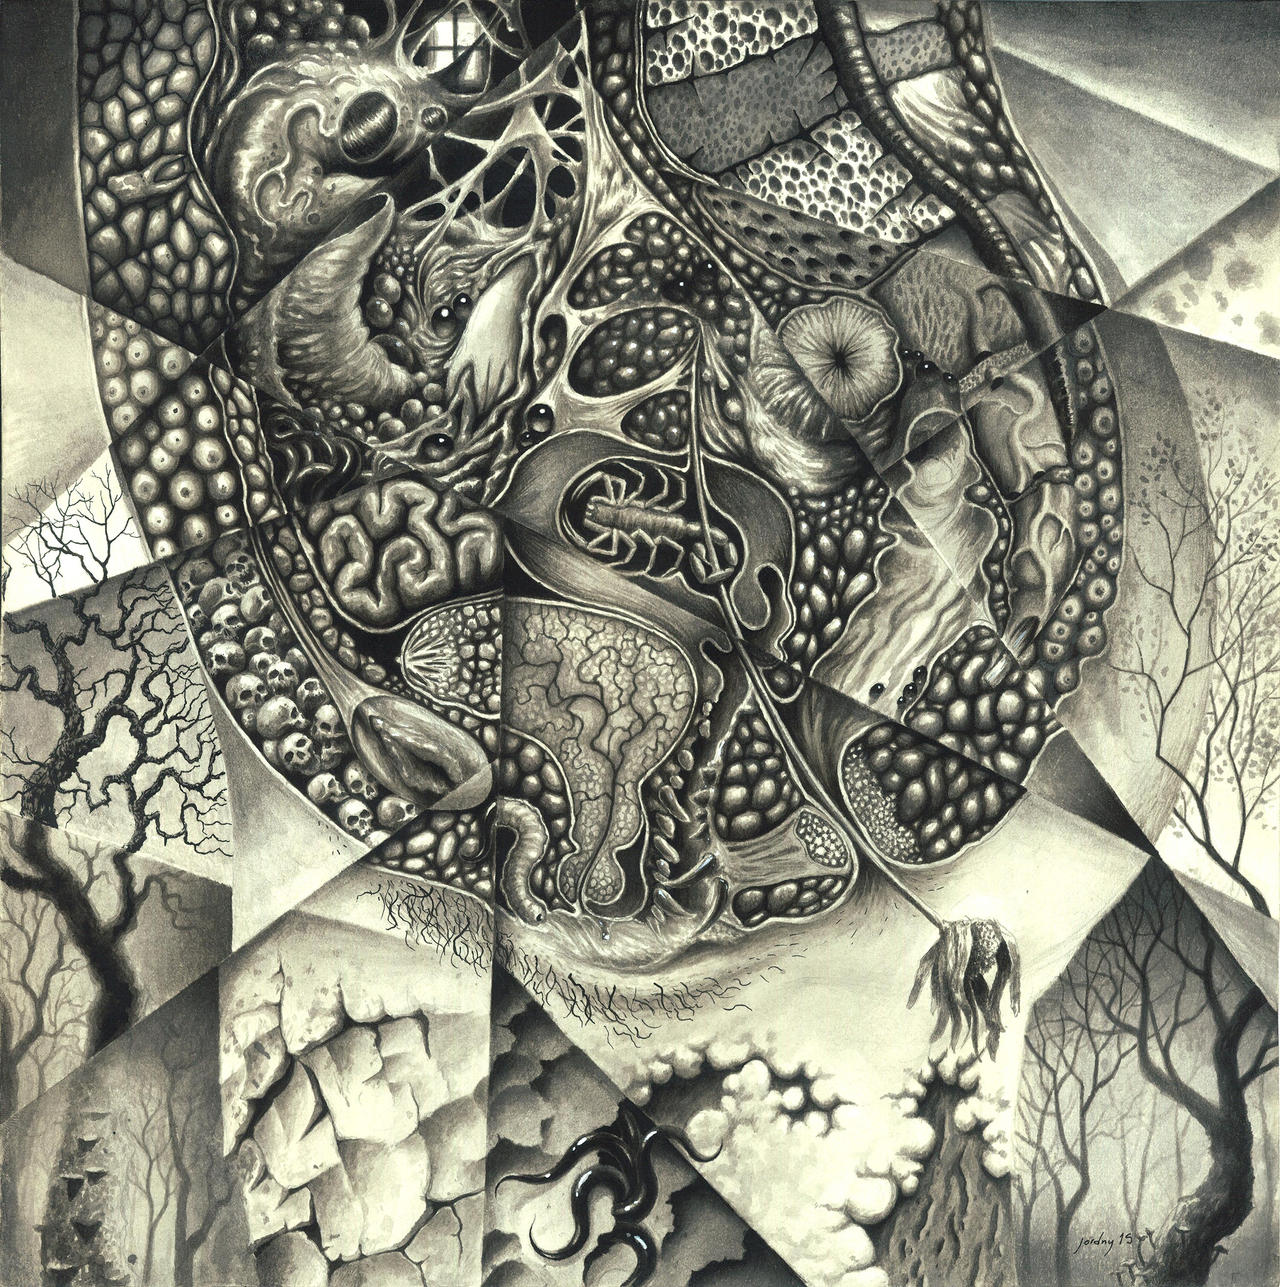 Pelvinica n.4 by Arcanvm